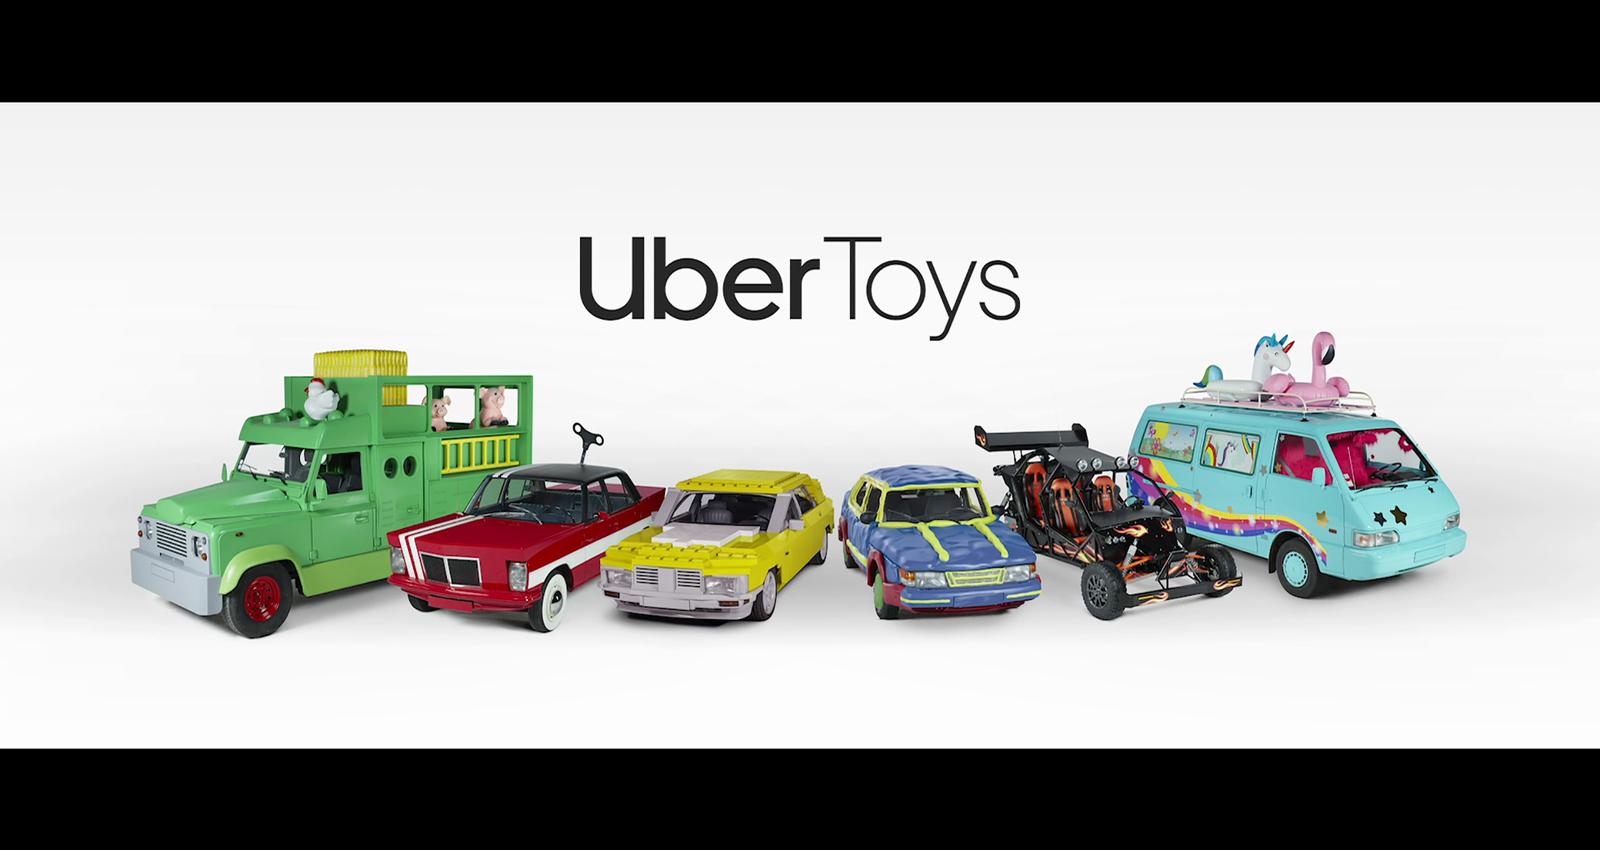 Uber Toys